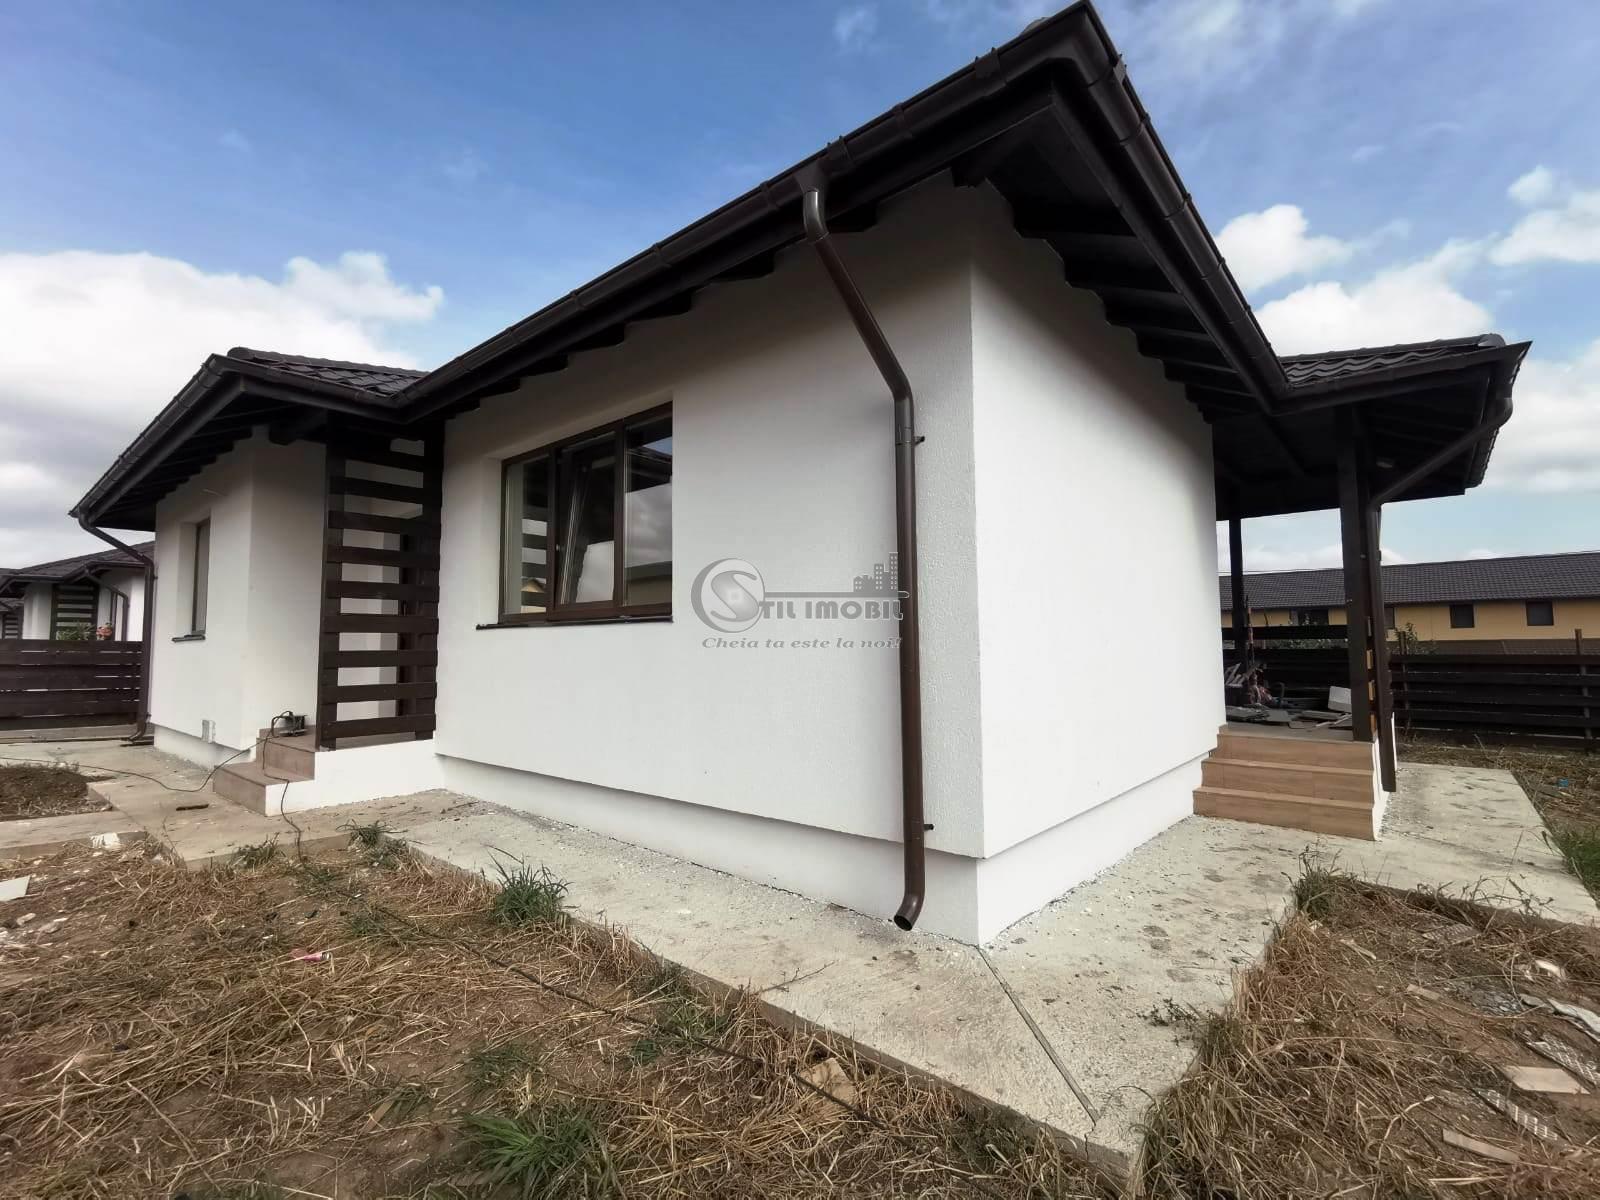 Casa 3 camere Lunca Cetatuii